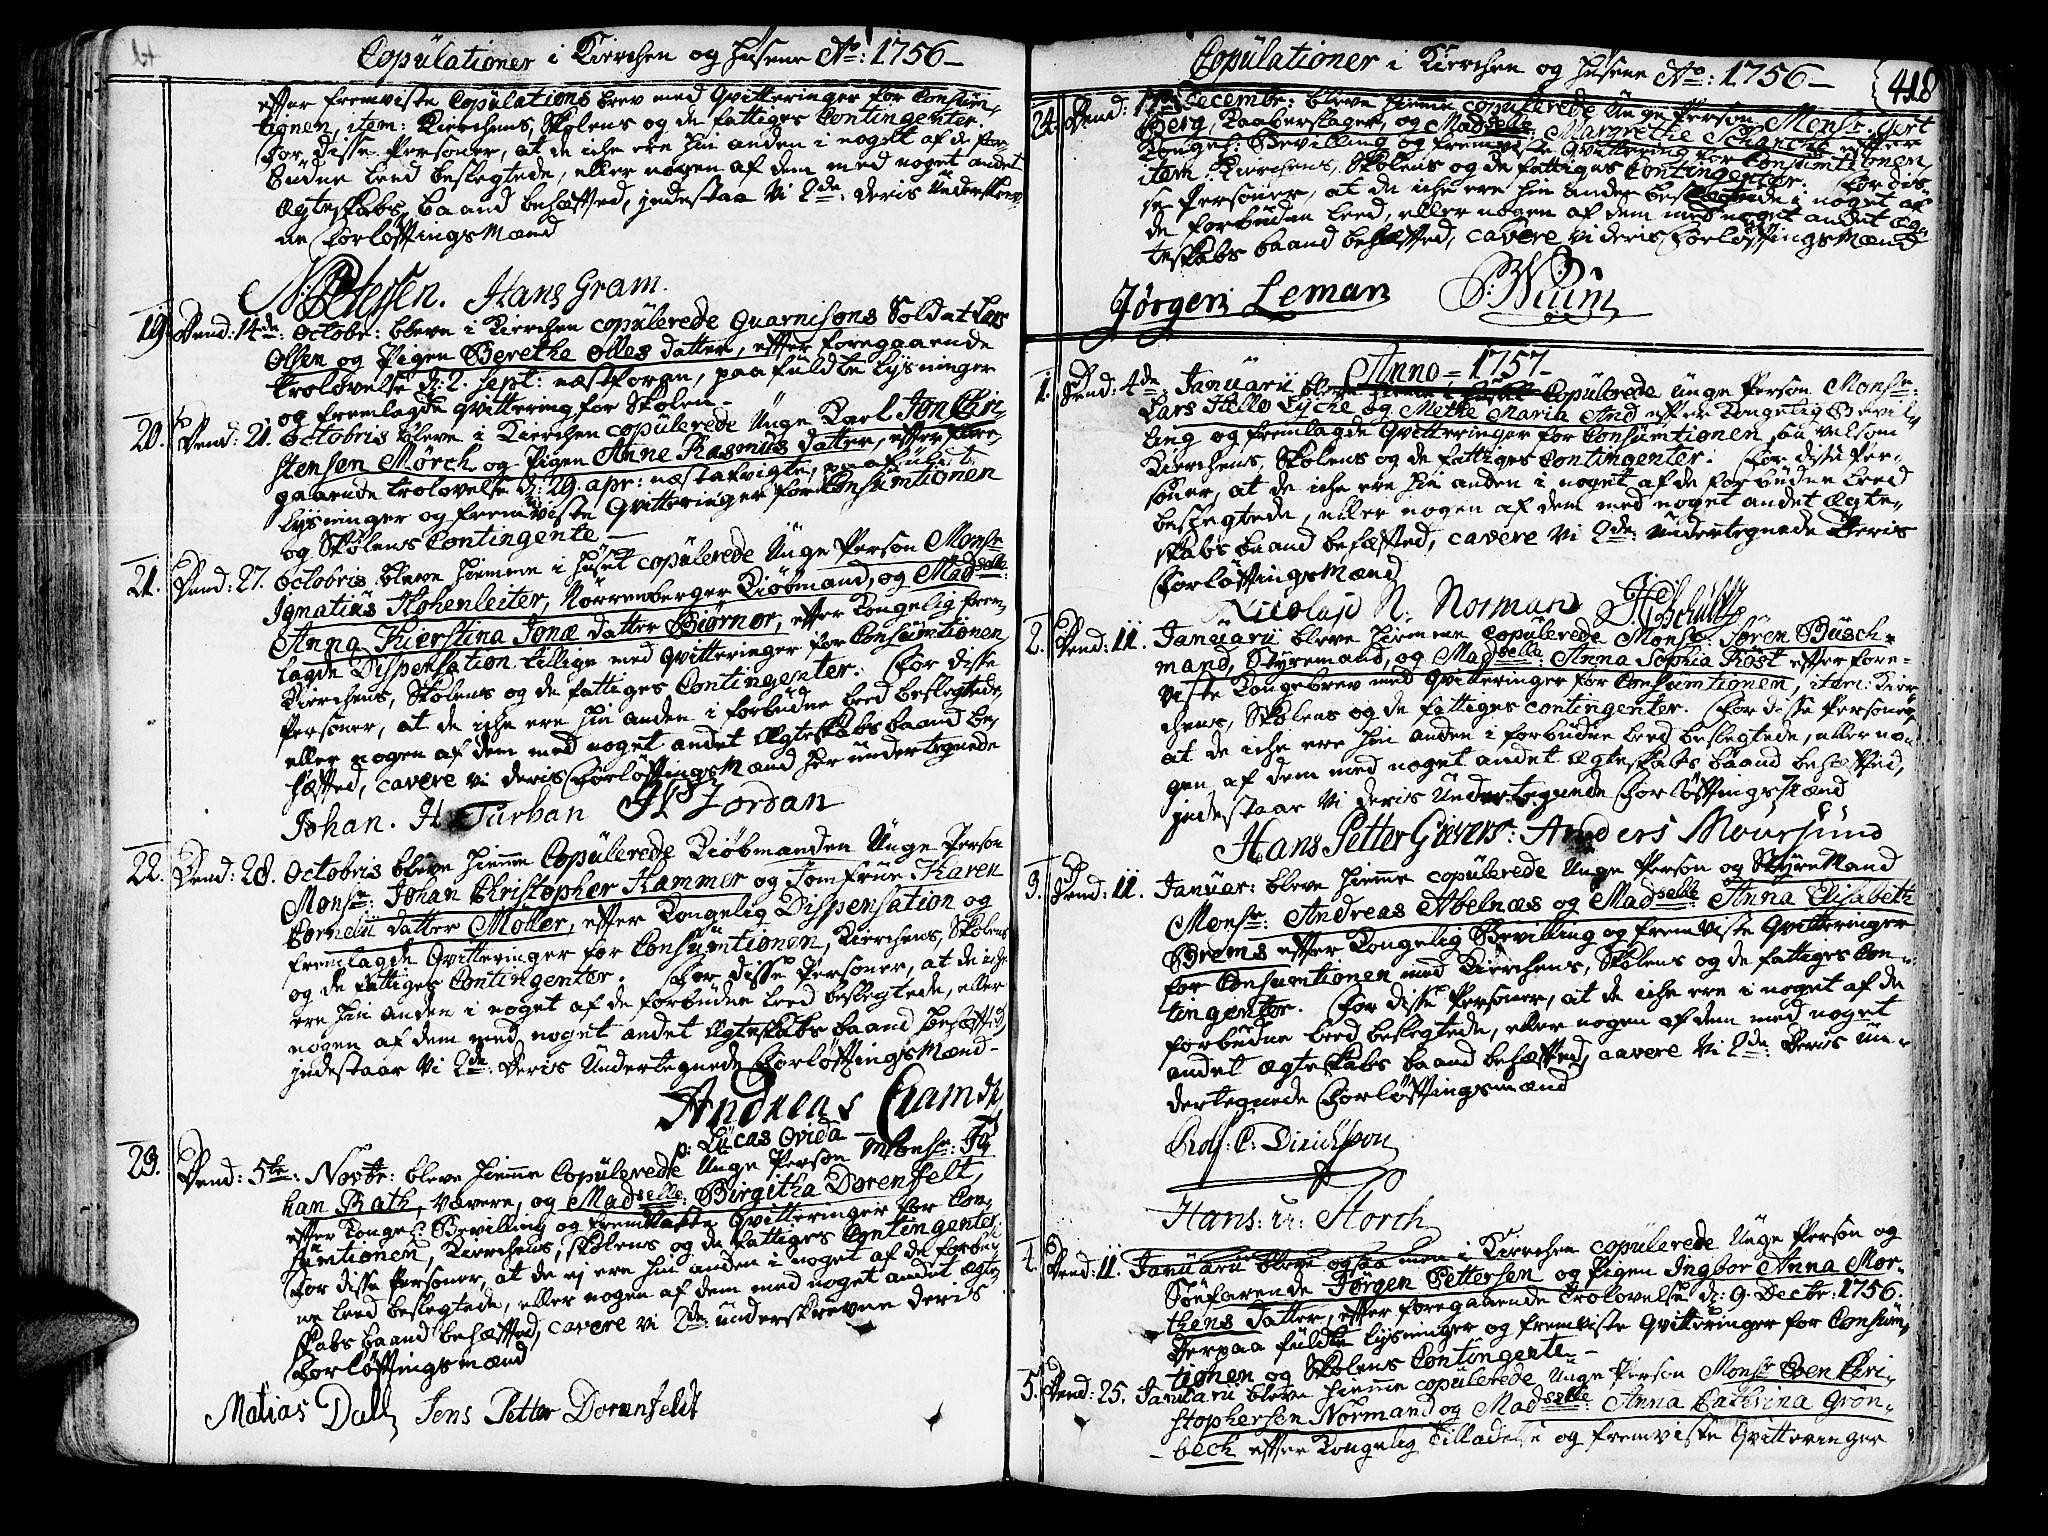 SAT, Ministerialprotokoller, klokkerbøker og fødselsregistre - Sør-Trøndelag, 602/L0103: Ministerialbok nr. 602A01, 1732-1774, s. 418